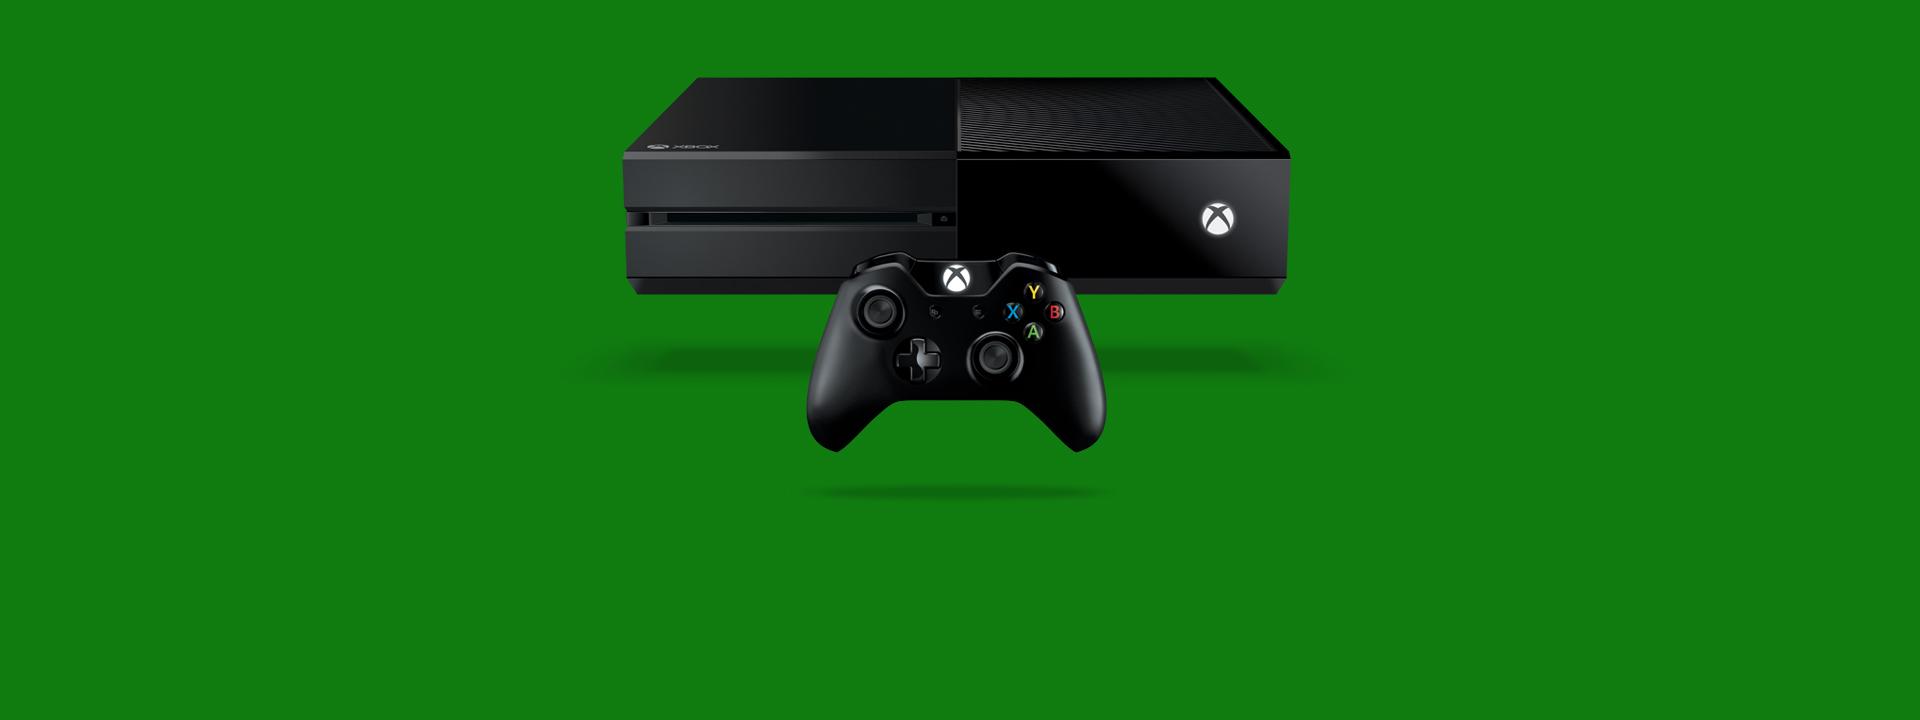 Xbox One 主機和控制器,選購最新主機